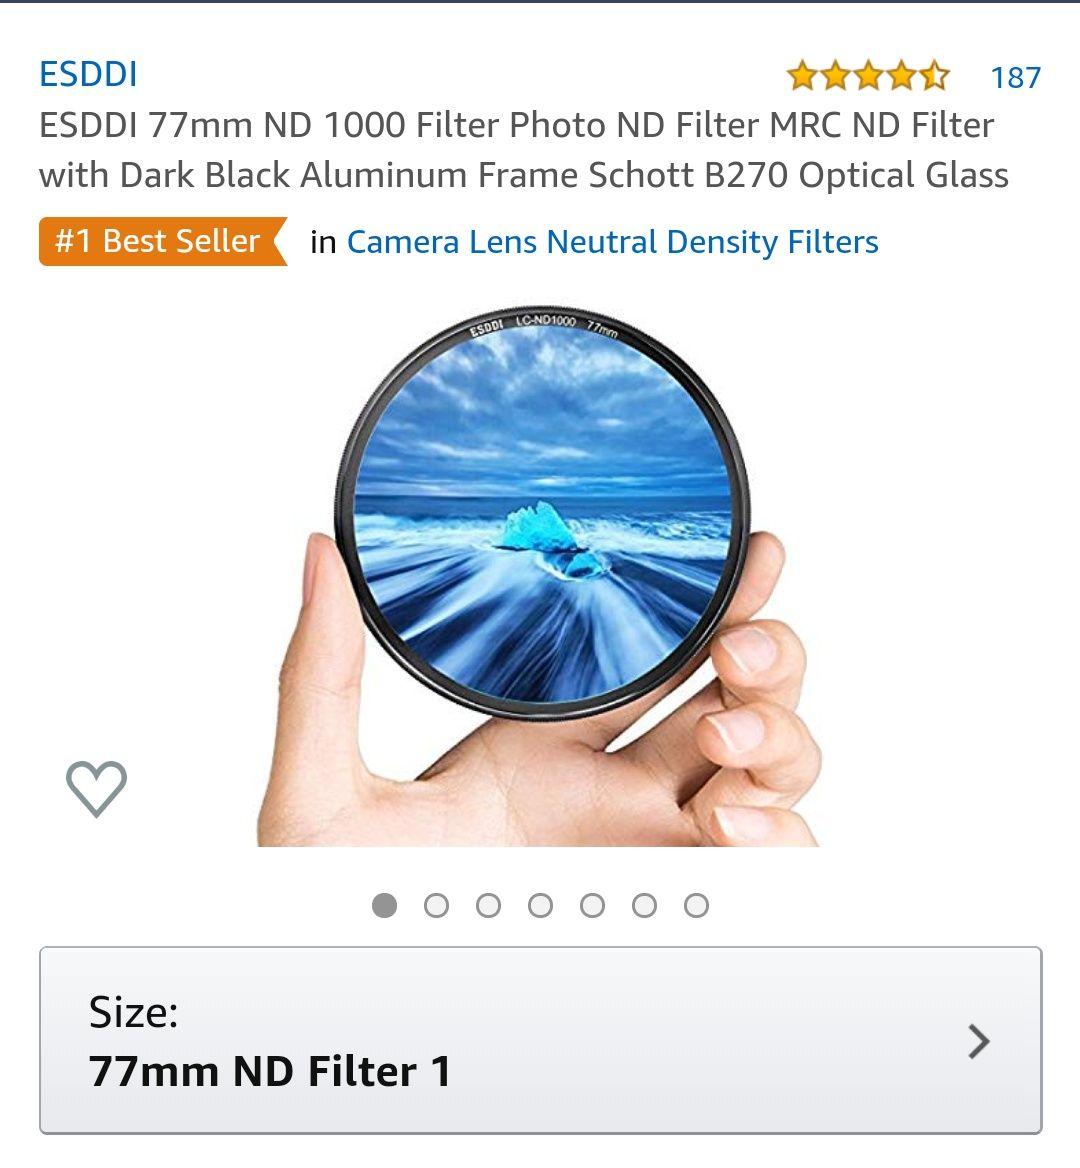 Amazon USA: Filtro ND 1000 para fotografía (58mm y 77mm)